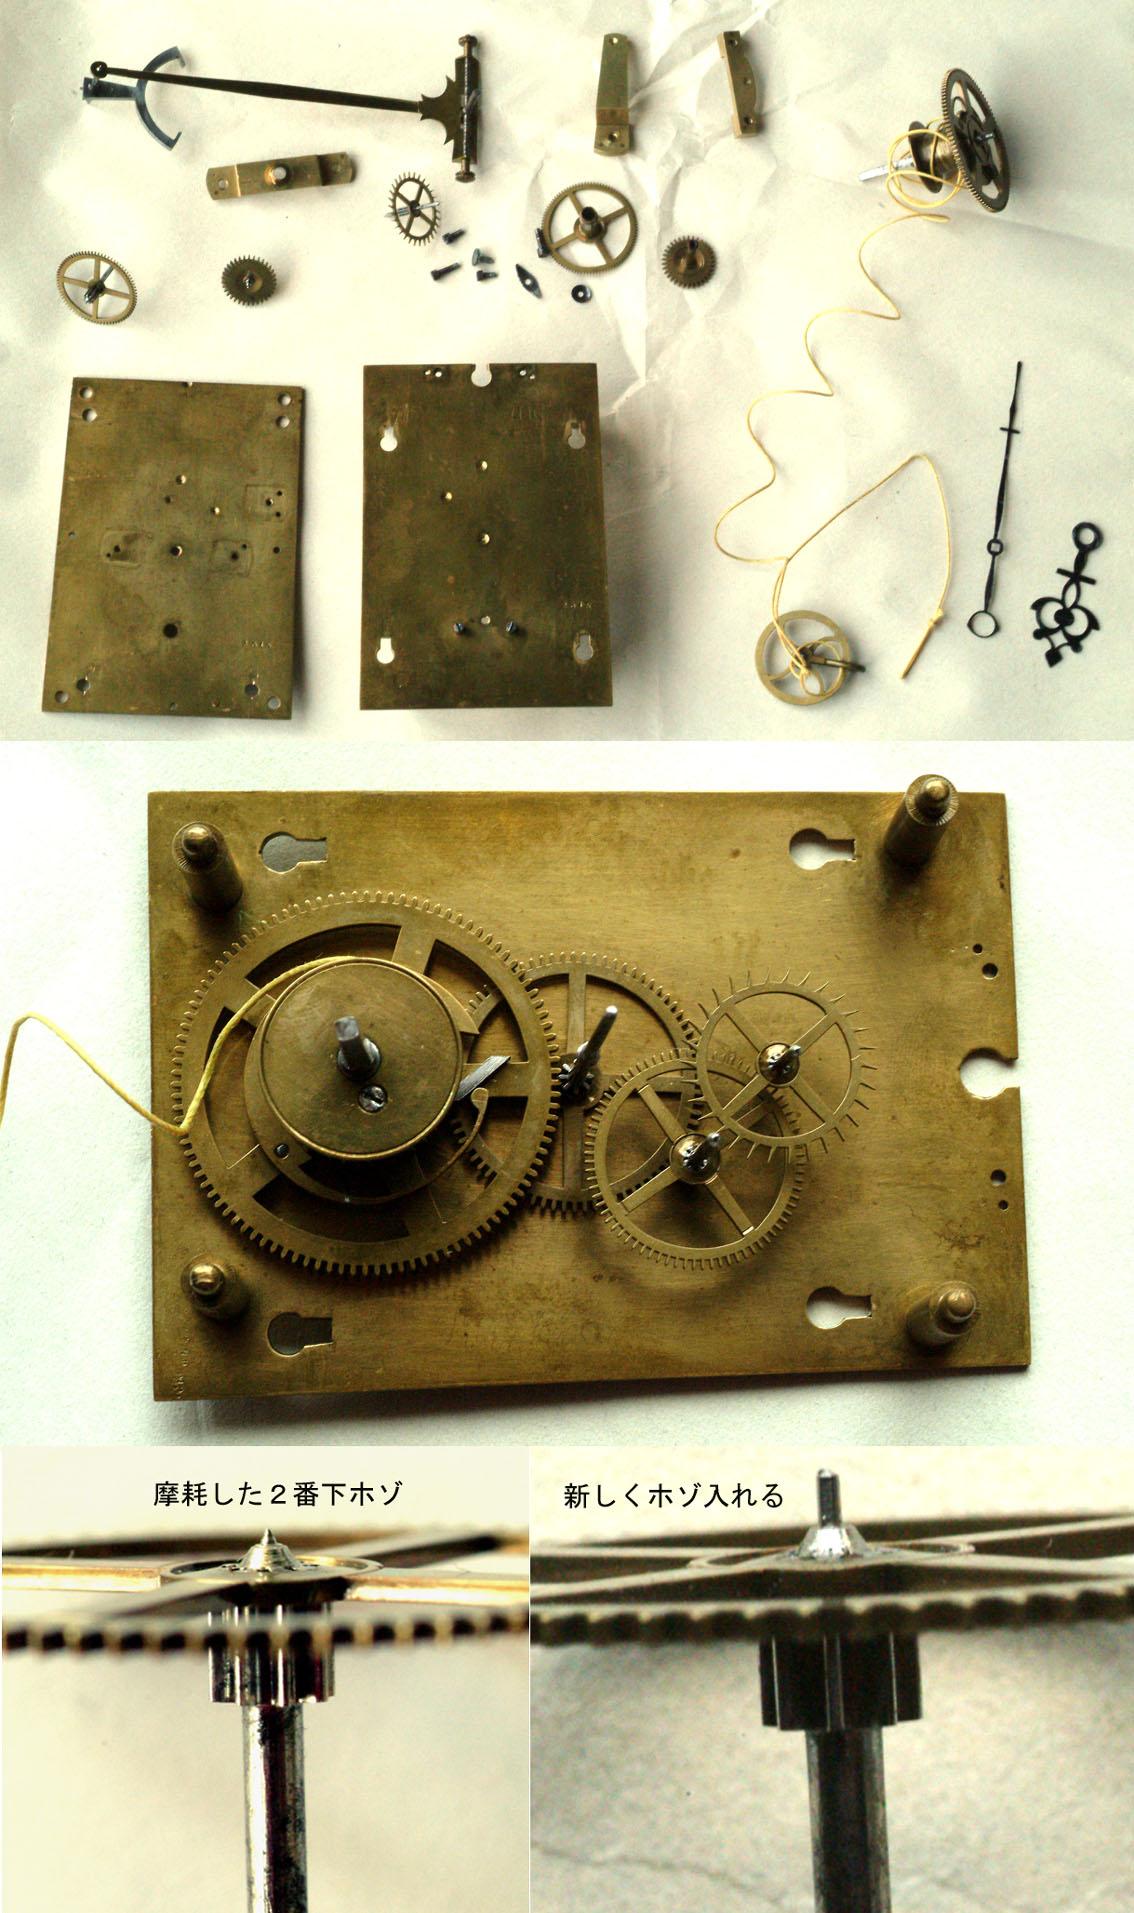 ウィーン式小型振り子時計。1840~50年頃、グラハム脱進機、8日巻_c0083109_13514222.jpg